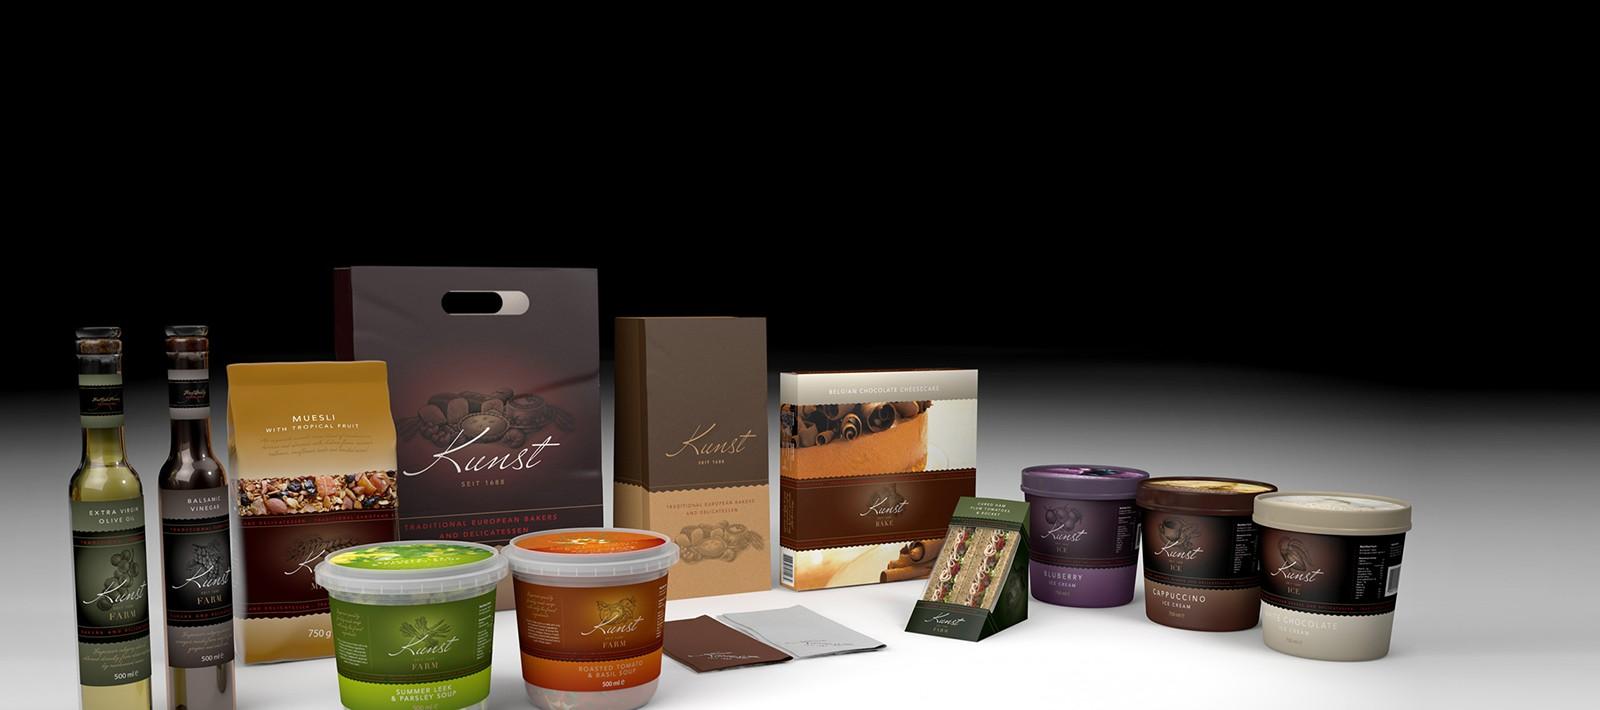 Brand identity design for Kunst